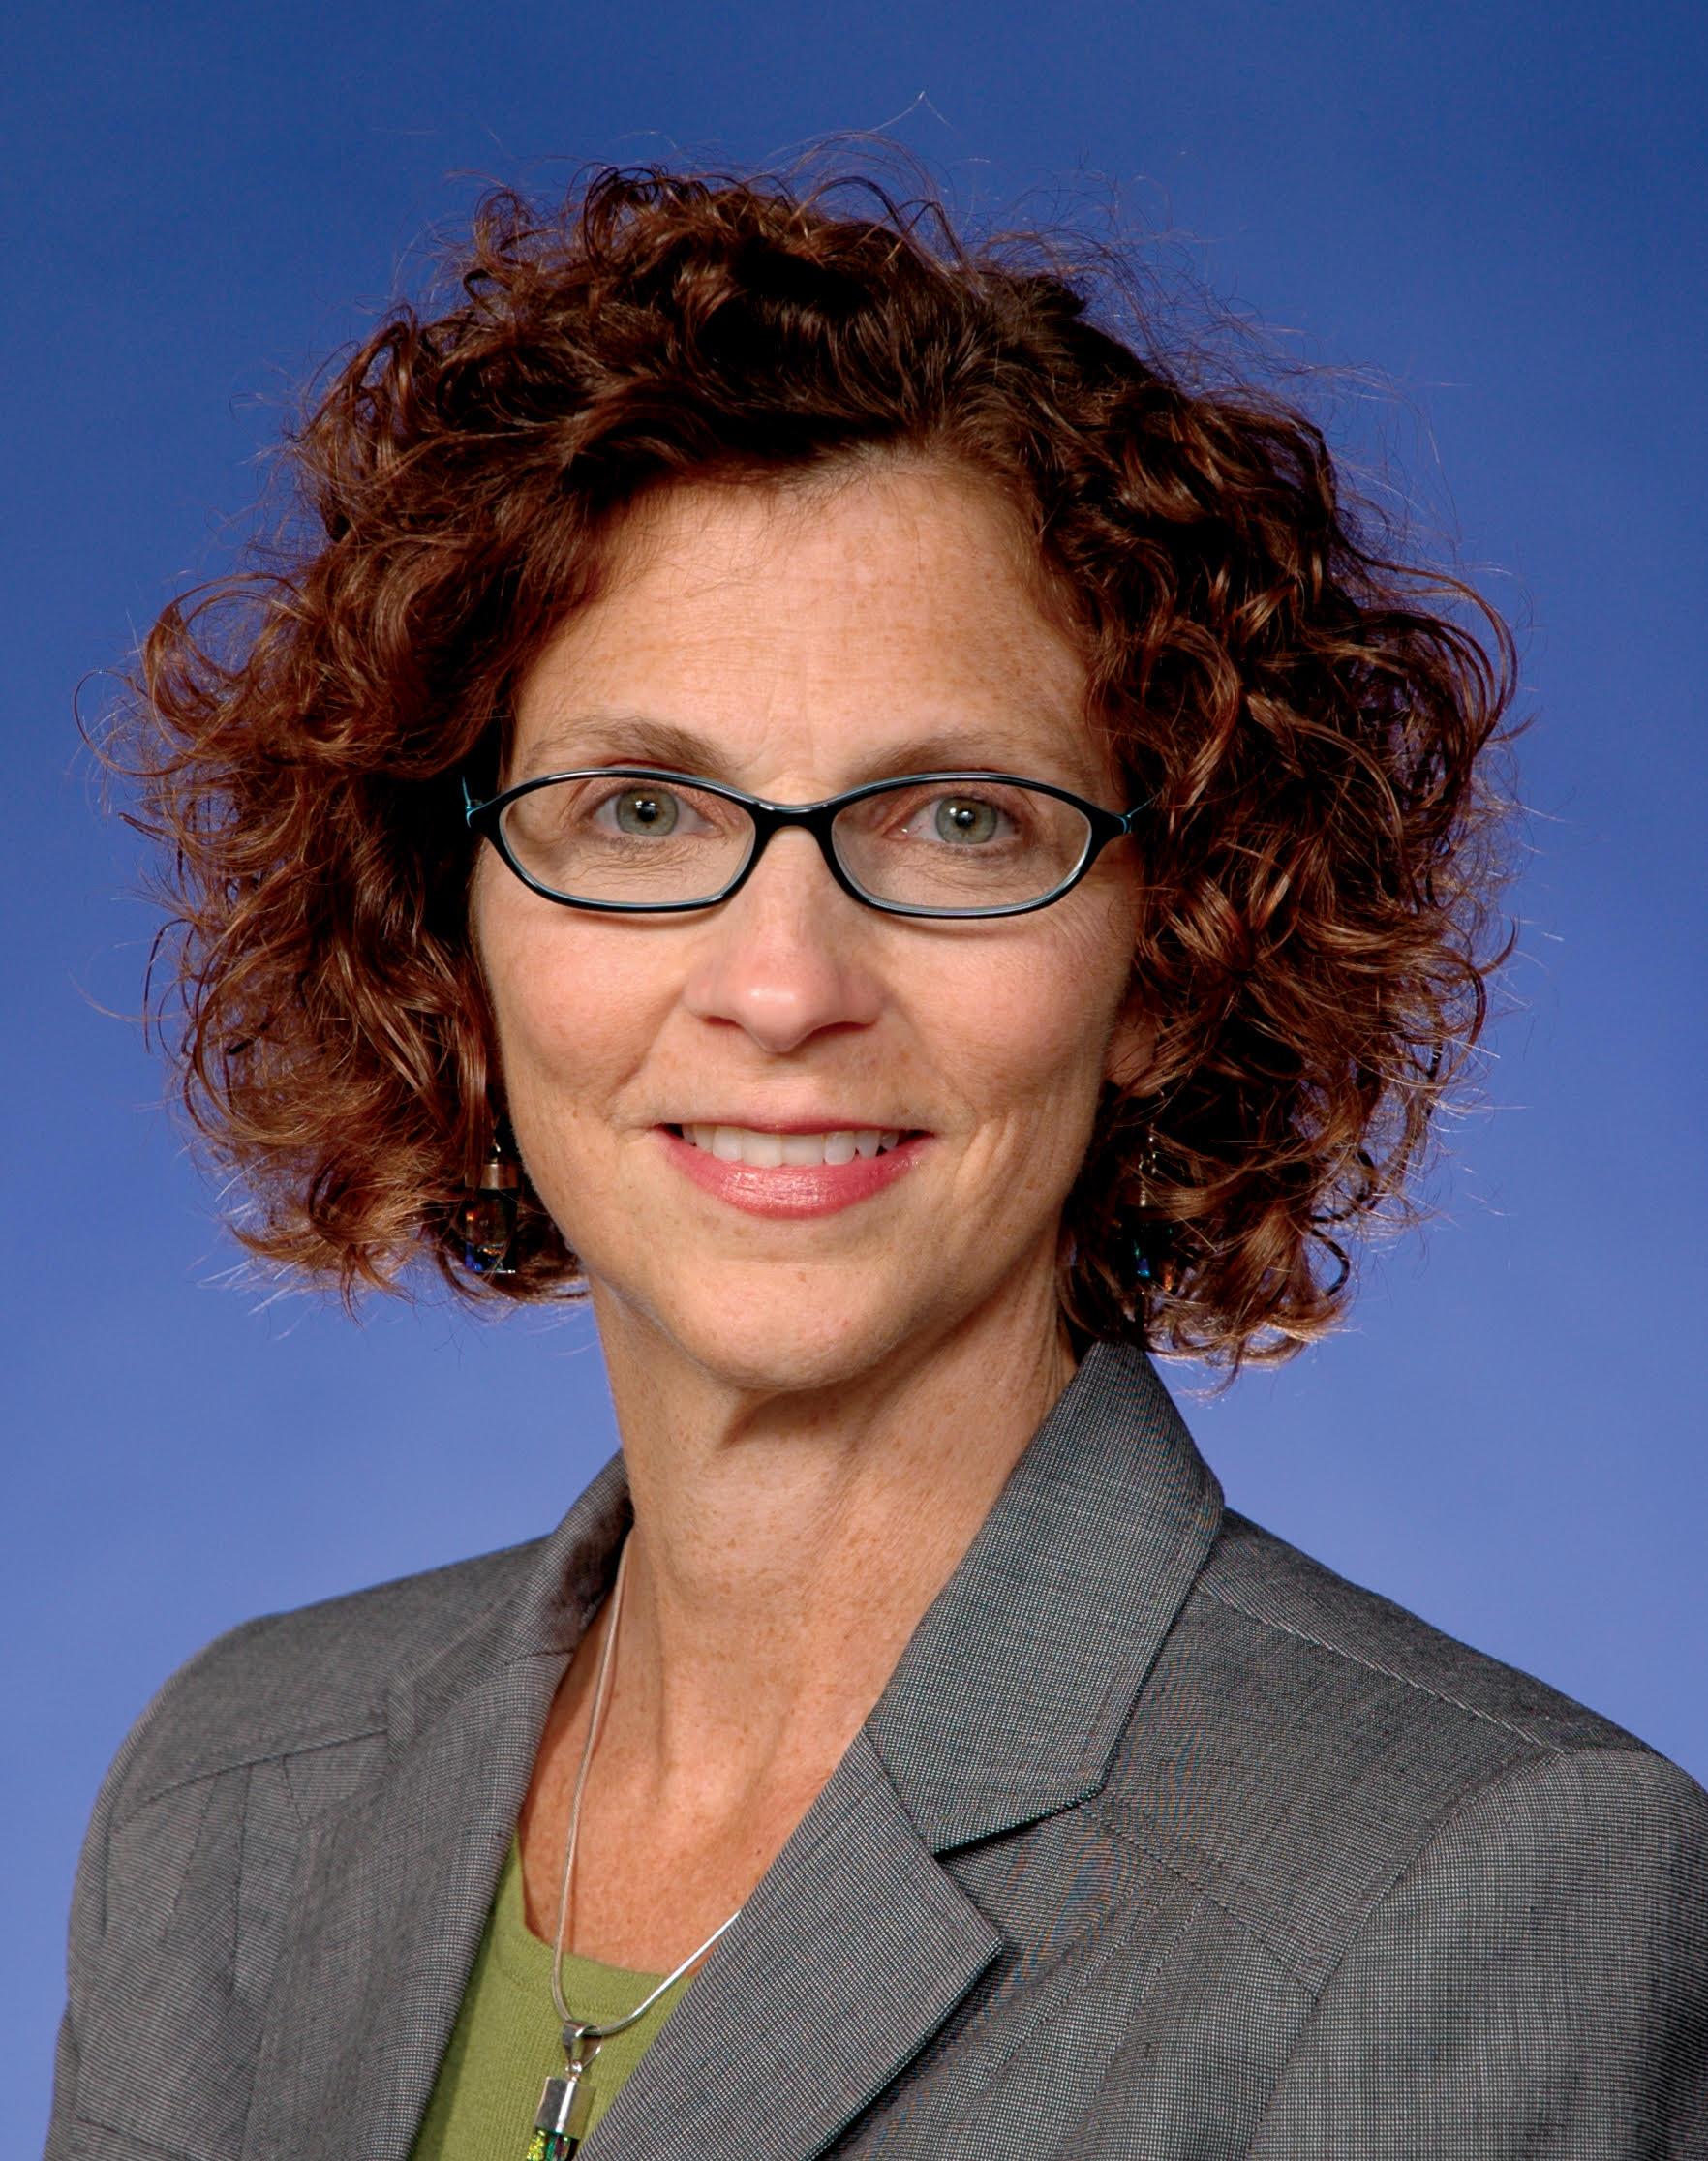 Kathryn Jackson